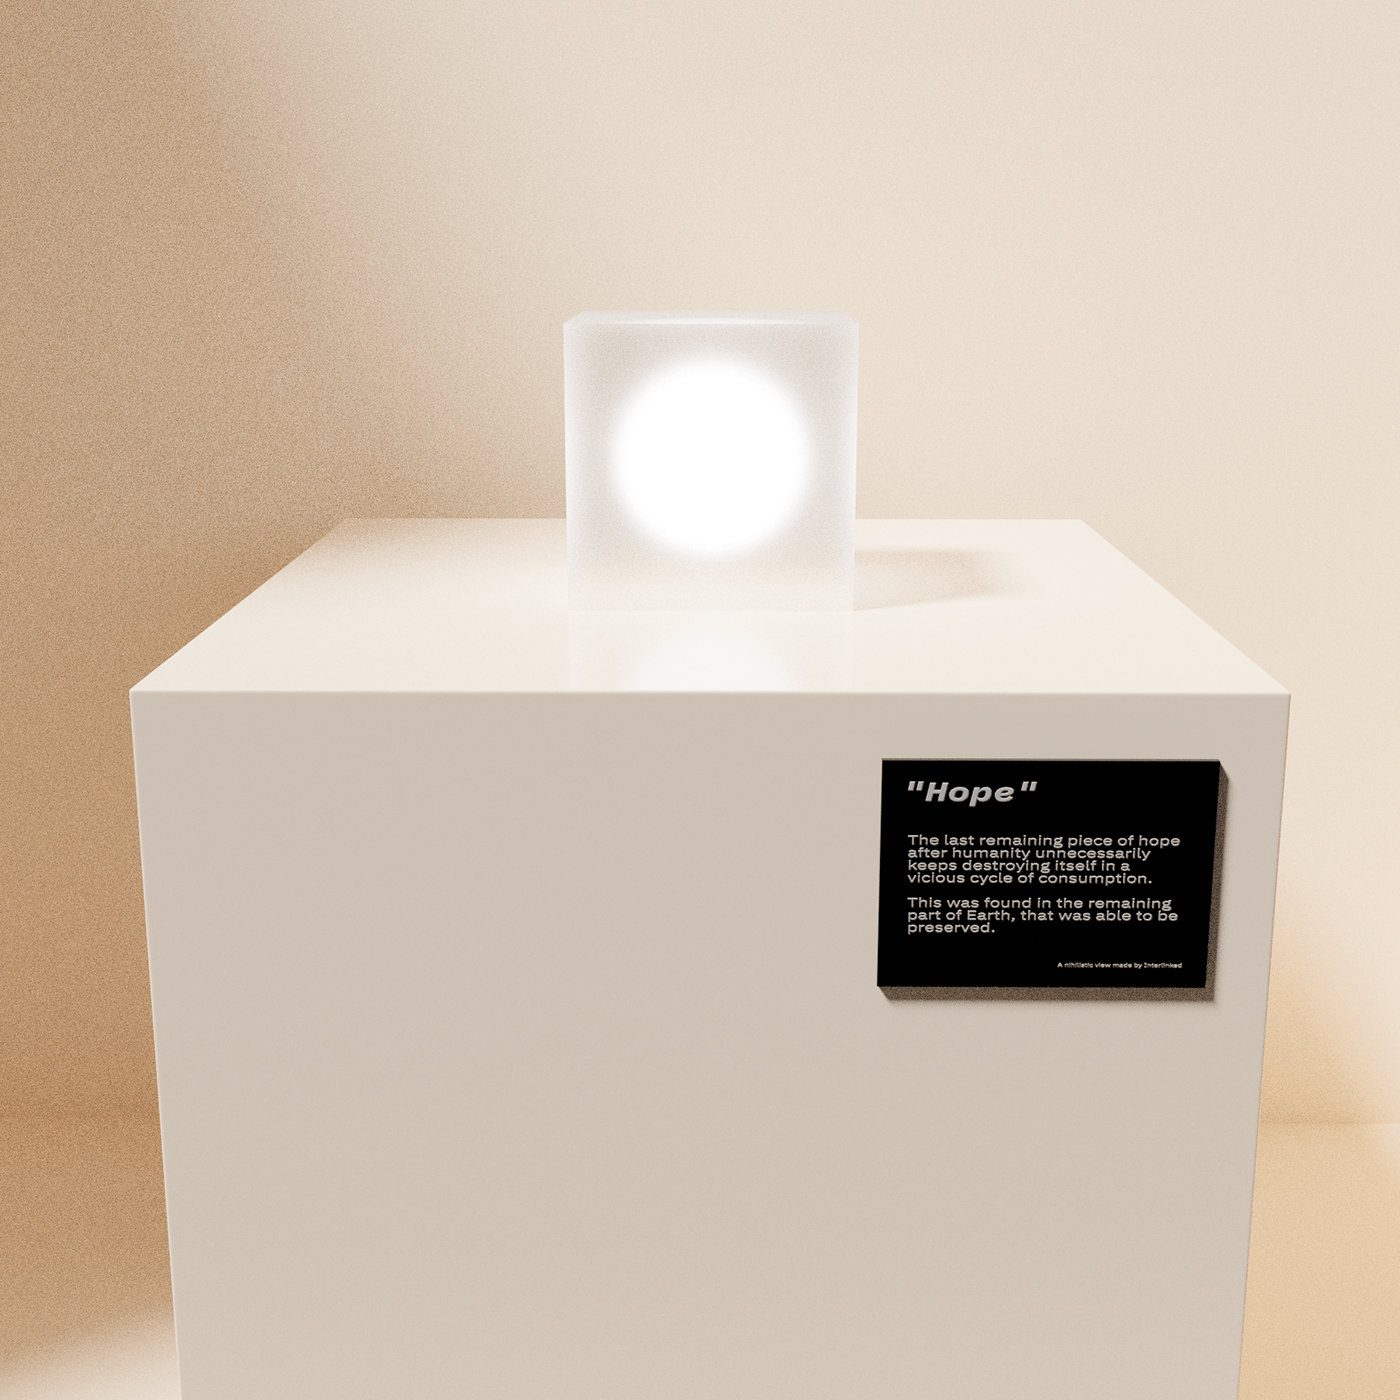 3d art blender concepts design rendering